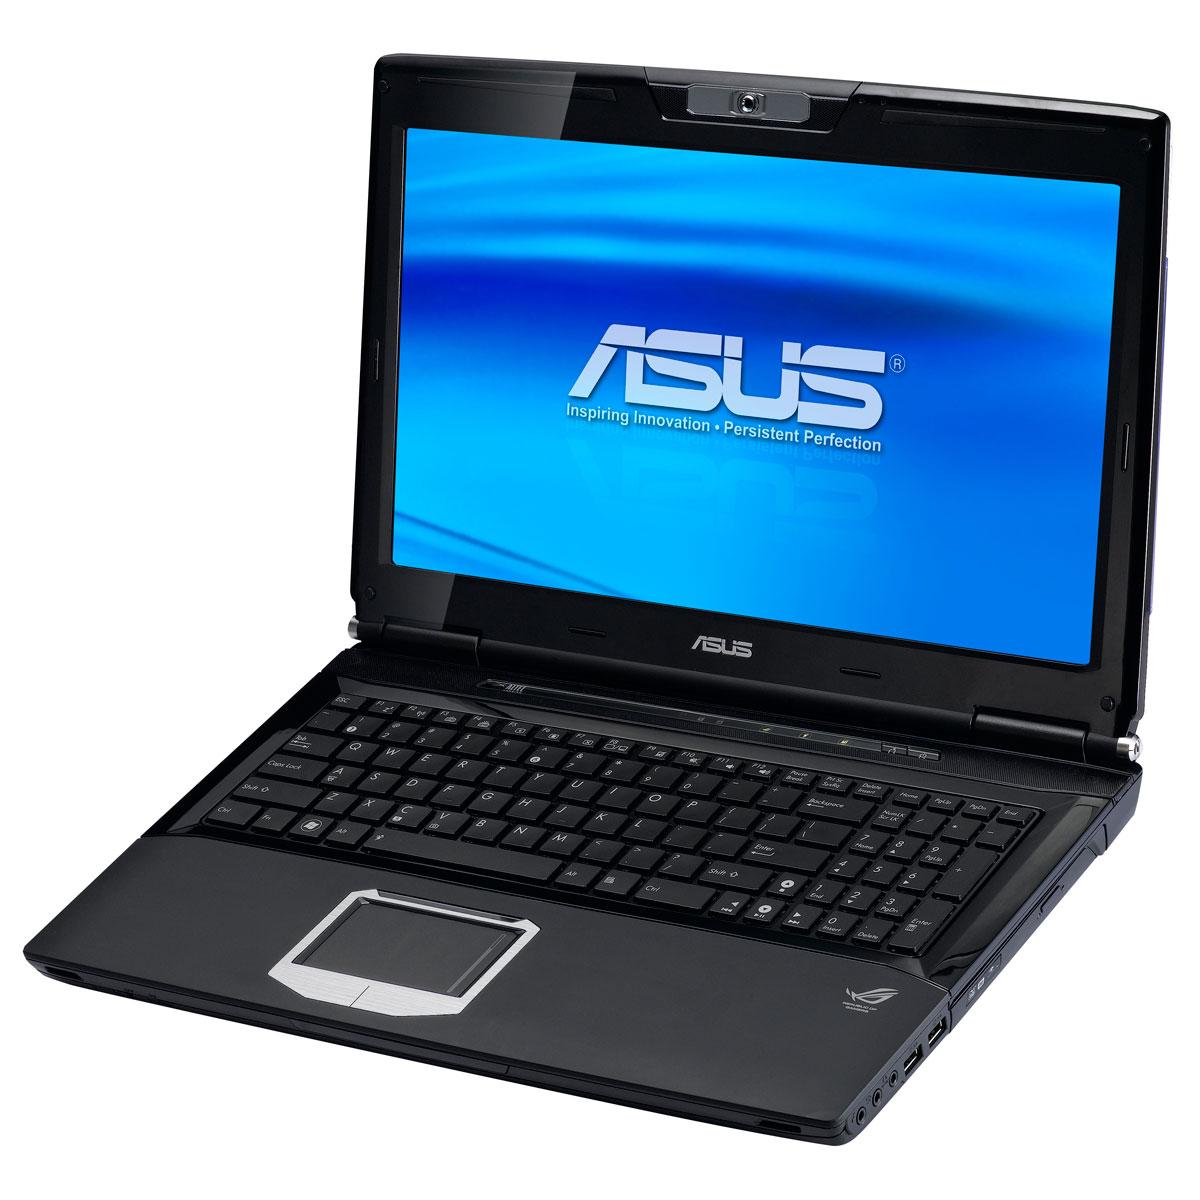 Asus G51JX-SX383V